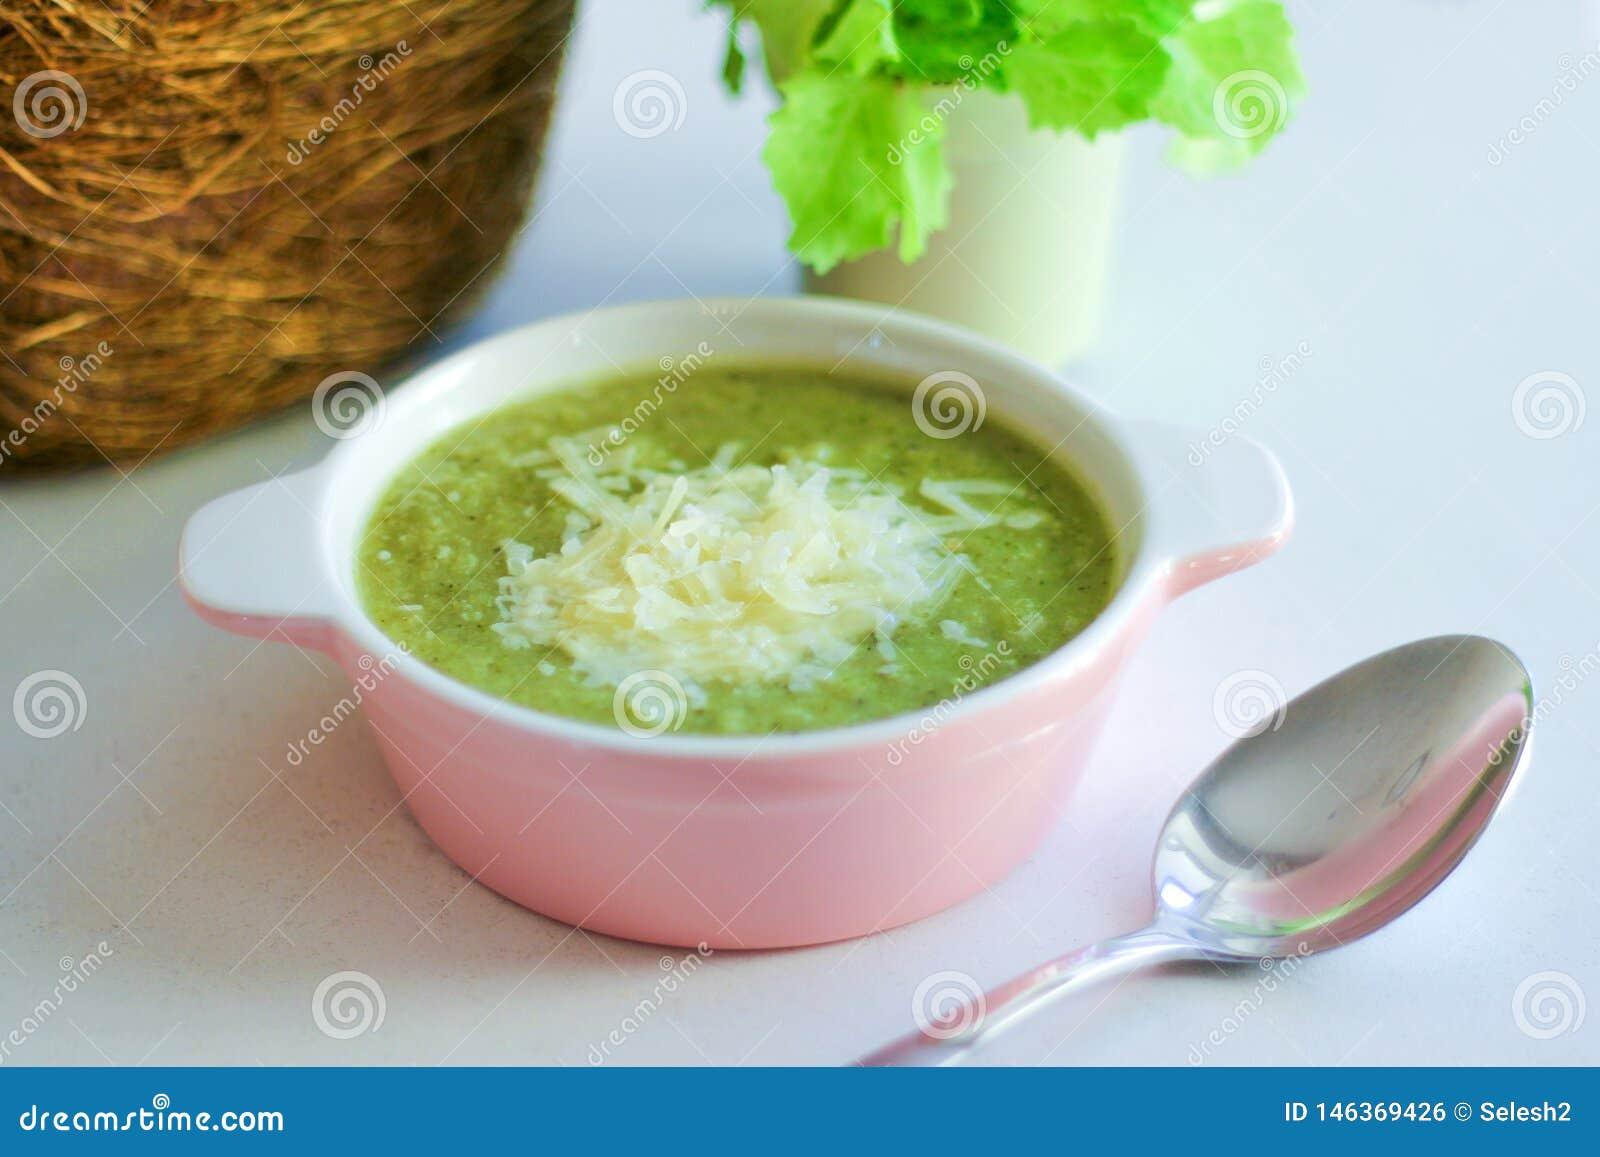 Verse fijngestampte soep met broccoli en geraspte Parmezaanse kaas in een roze plaat op een lichte achtergrond